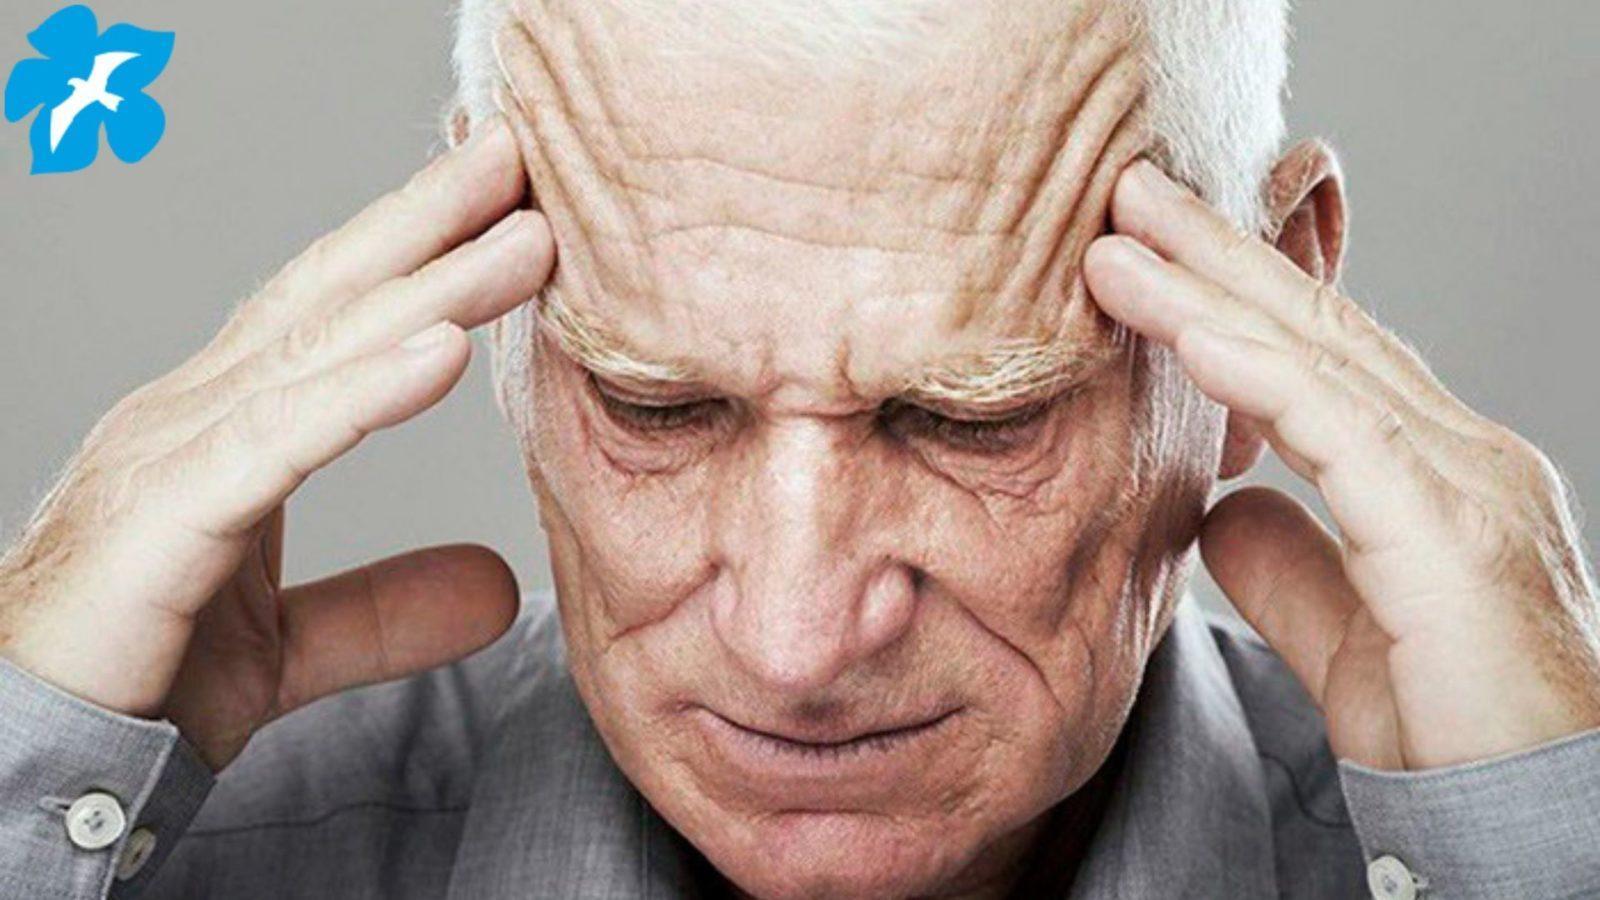 Деменция в пожилом возрасте